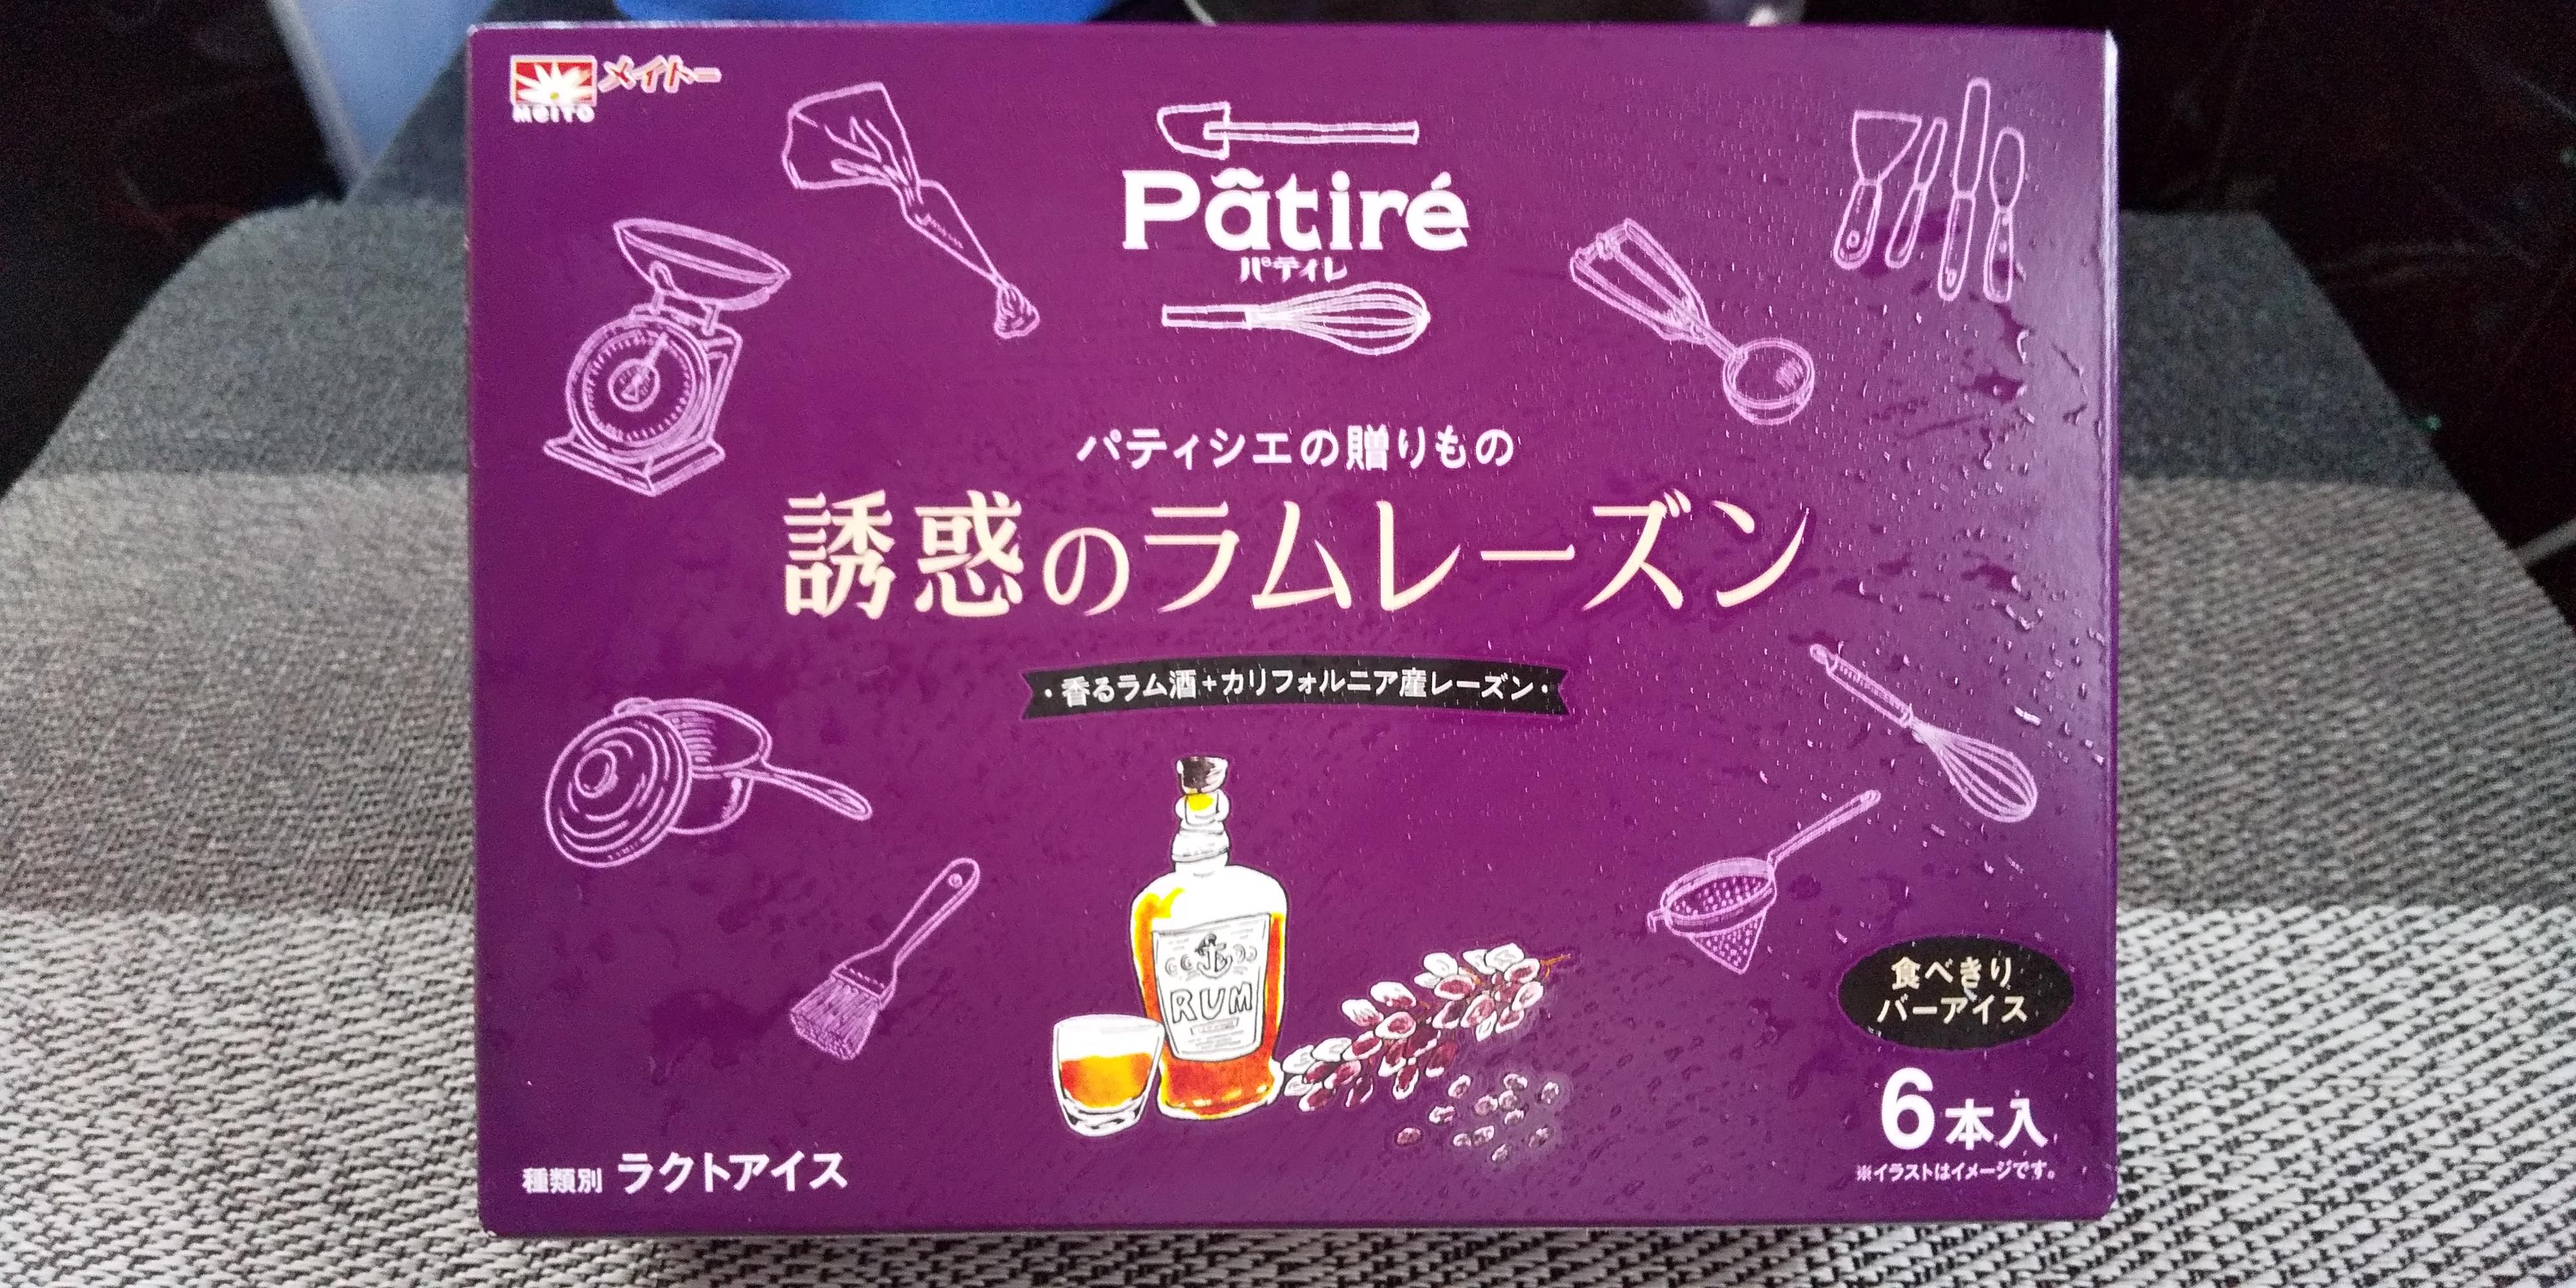 メイトーの新商品「Patire(パティレ)誘惑のラムレーズン」いただいてみた。